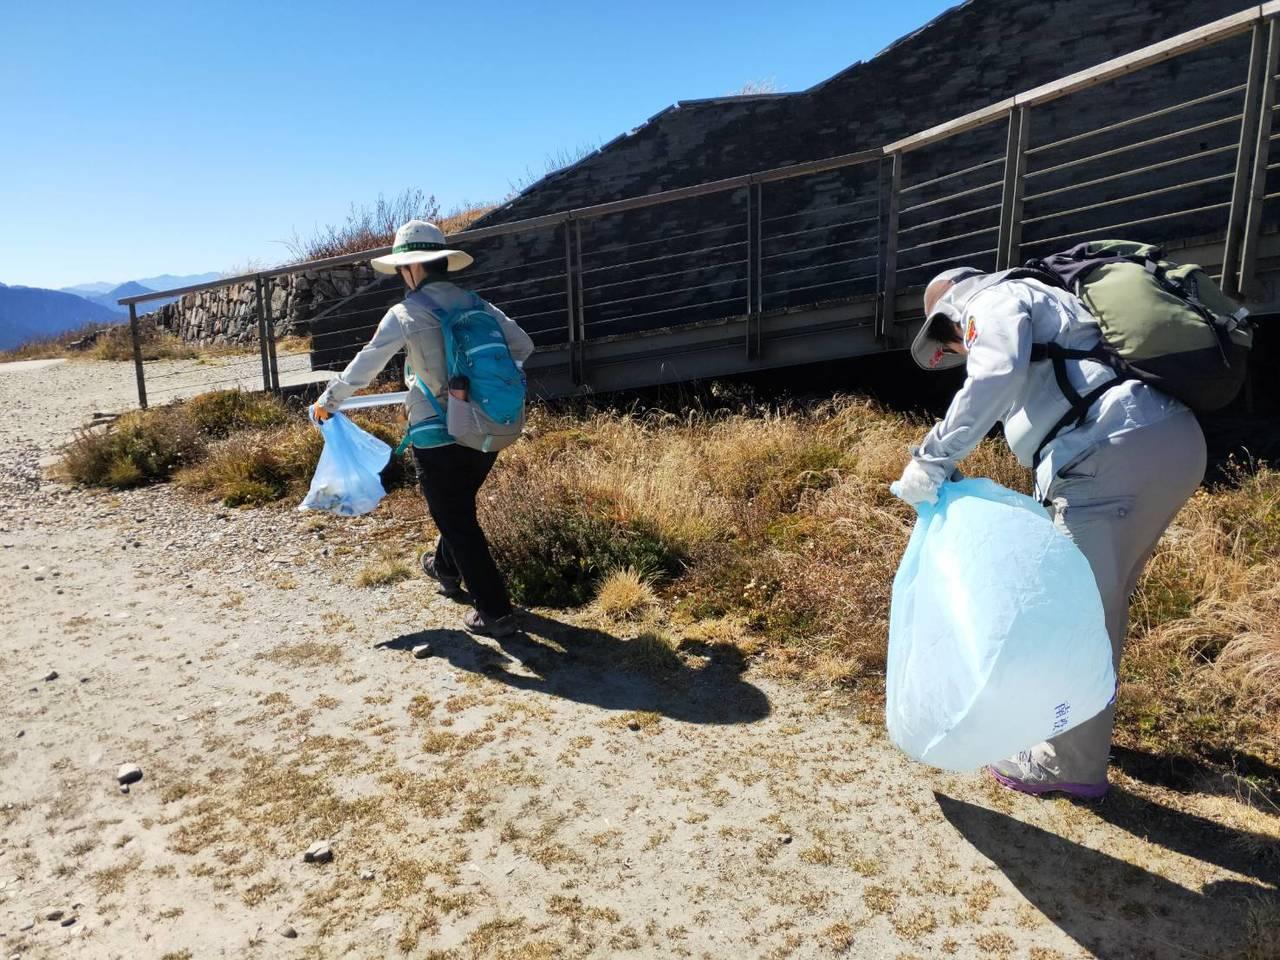 120名志工今天在合欢山净山,清出20大包垃圾,箭竹林中有不少菸蒂、卫生纸,让志...